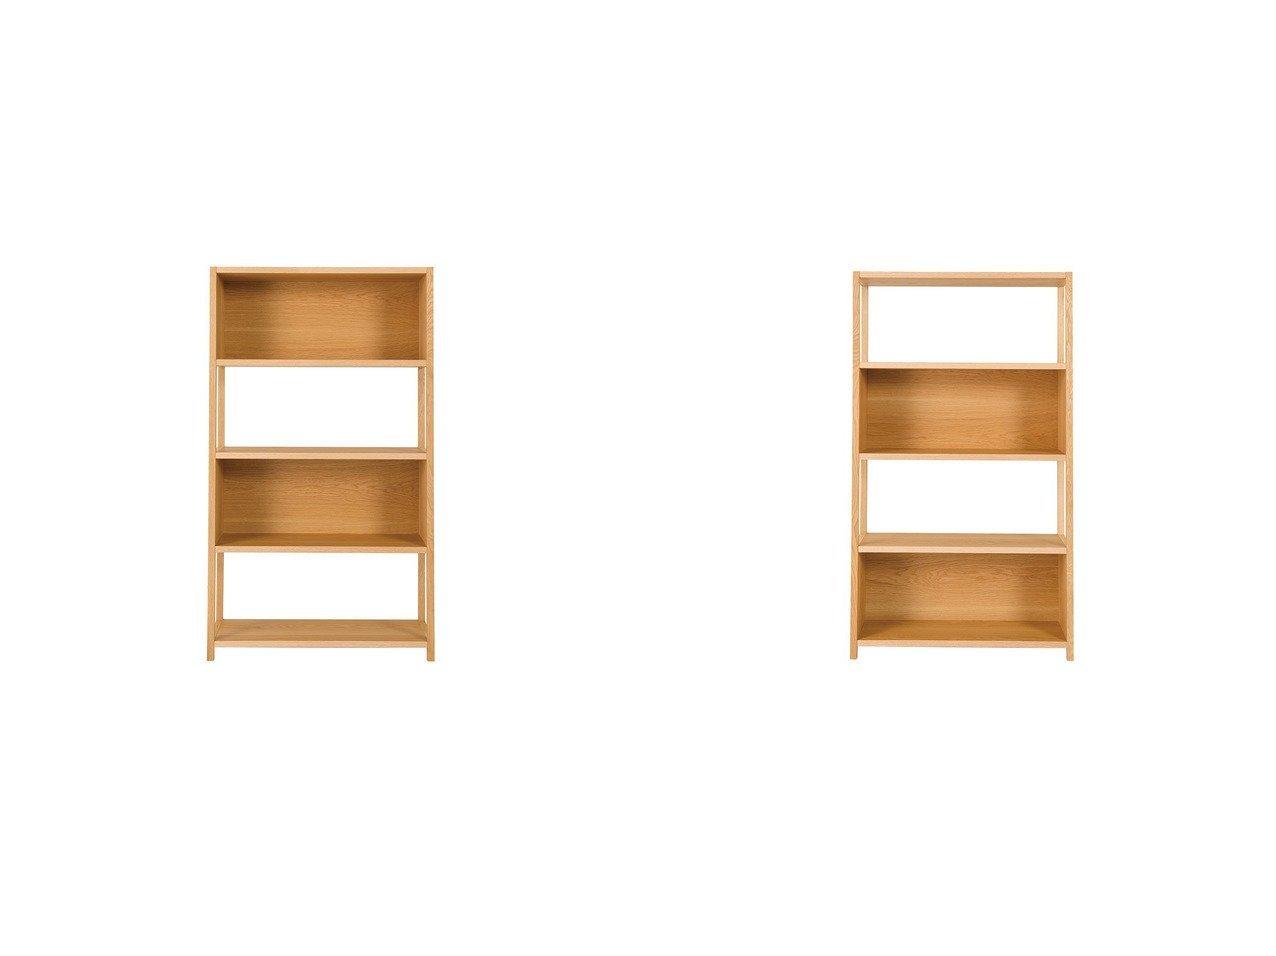 【FLYMEe vert/フライミー ヴェール】のシェルフ #103994&シェルフ #5399 【FURNITURE】おすすめ!人気、インテリア雑貨・家具の通販 おすすめで人気の流行・トレンド、ファッションの通販商品 インテリア・家具・メンズファッション・キッズファッション・レディースファッション・服の通販 founy(ファニー) https://founy.com/ ホーム・キャンプ・アウトドア Home,Garden,Outdoor,Camping Gear 家具・インテリア Furniture 収納家具・キャビネット Storage Furniture ラック・シェルフ  ID:crp329100000055526